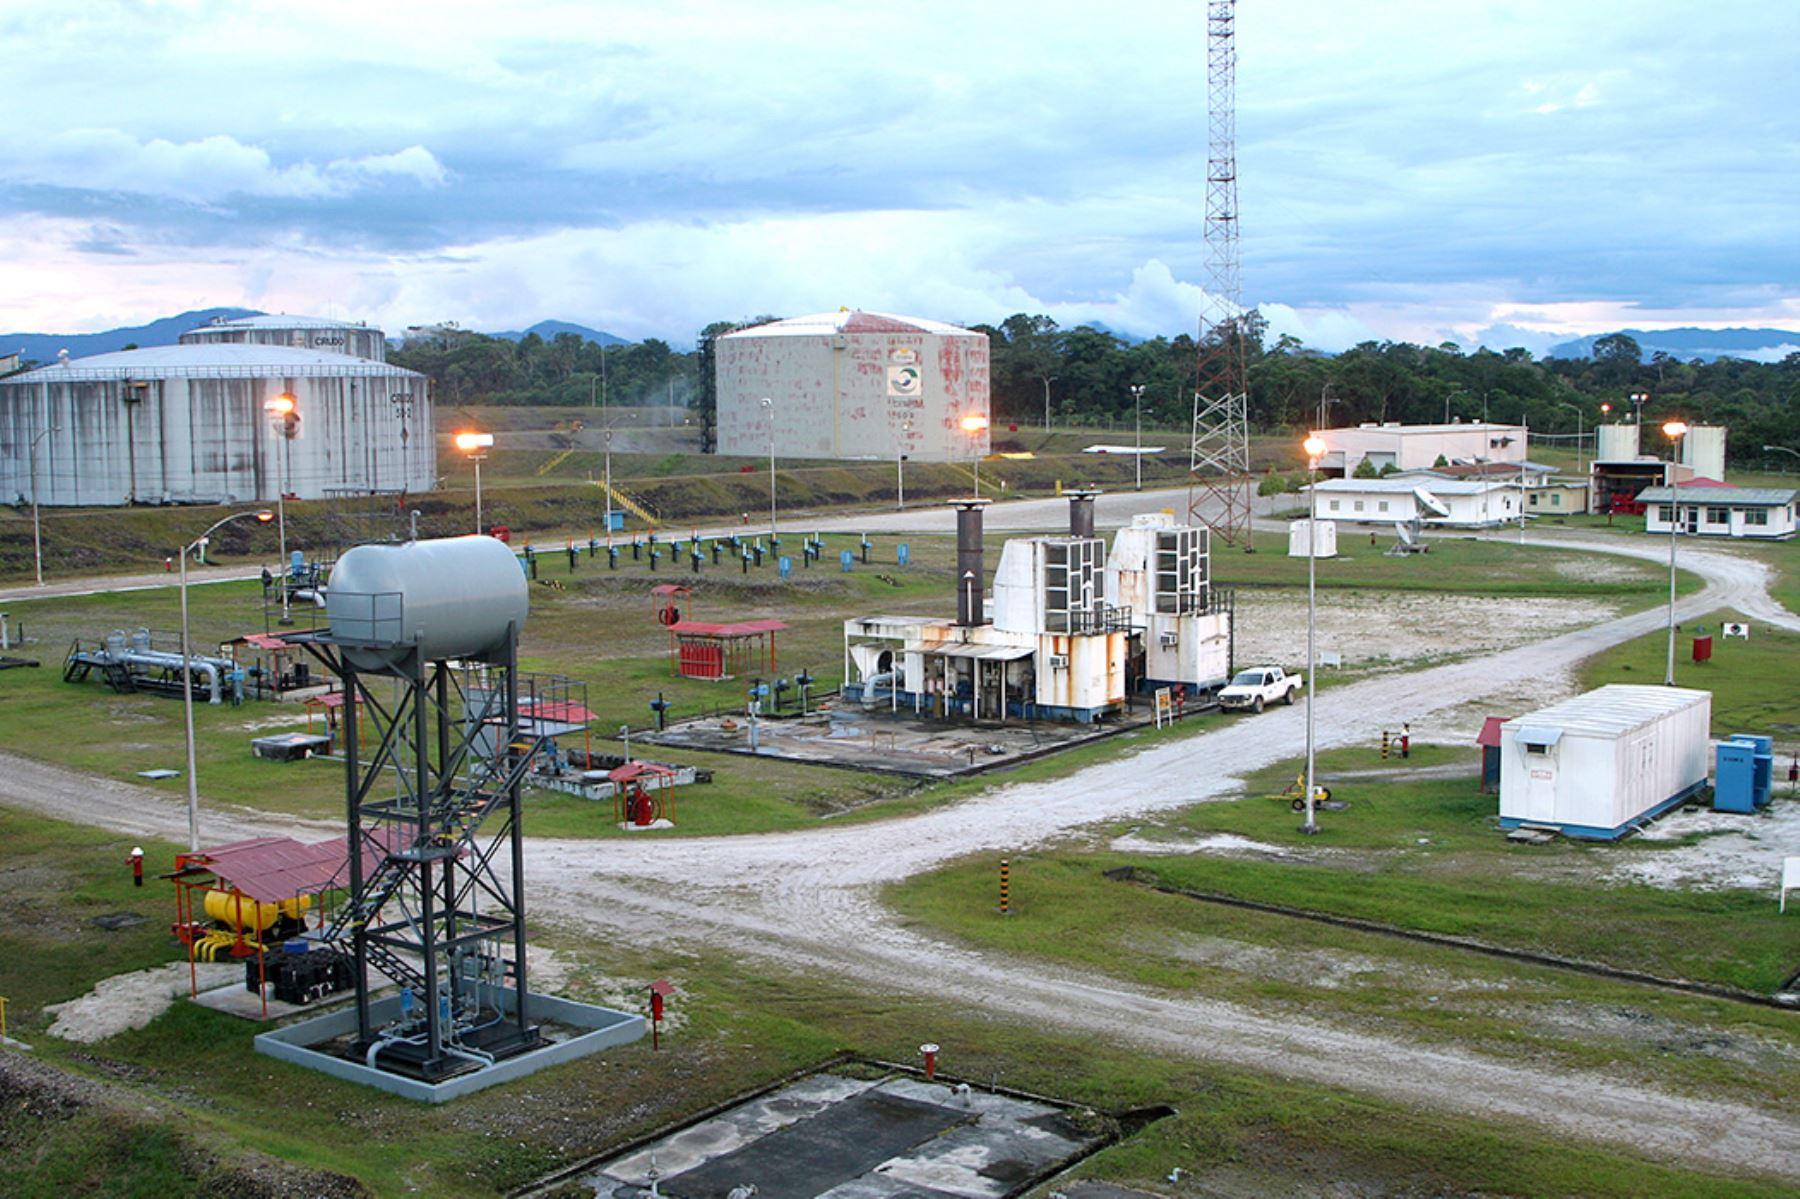 Comuneros de Chapis liberaron accesos a las instalaciones de la estación 5 del Oleoducto Norperuano, que permanecían bloqueados desde el 5 de diciembre.